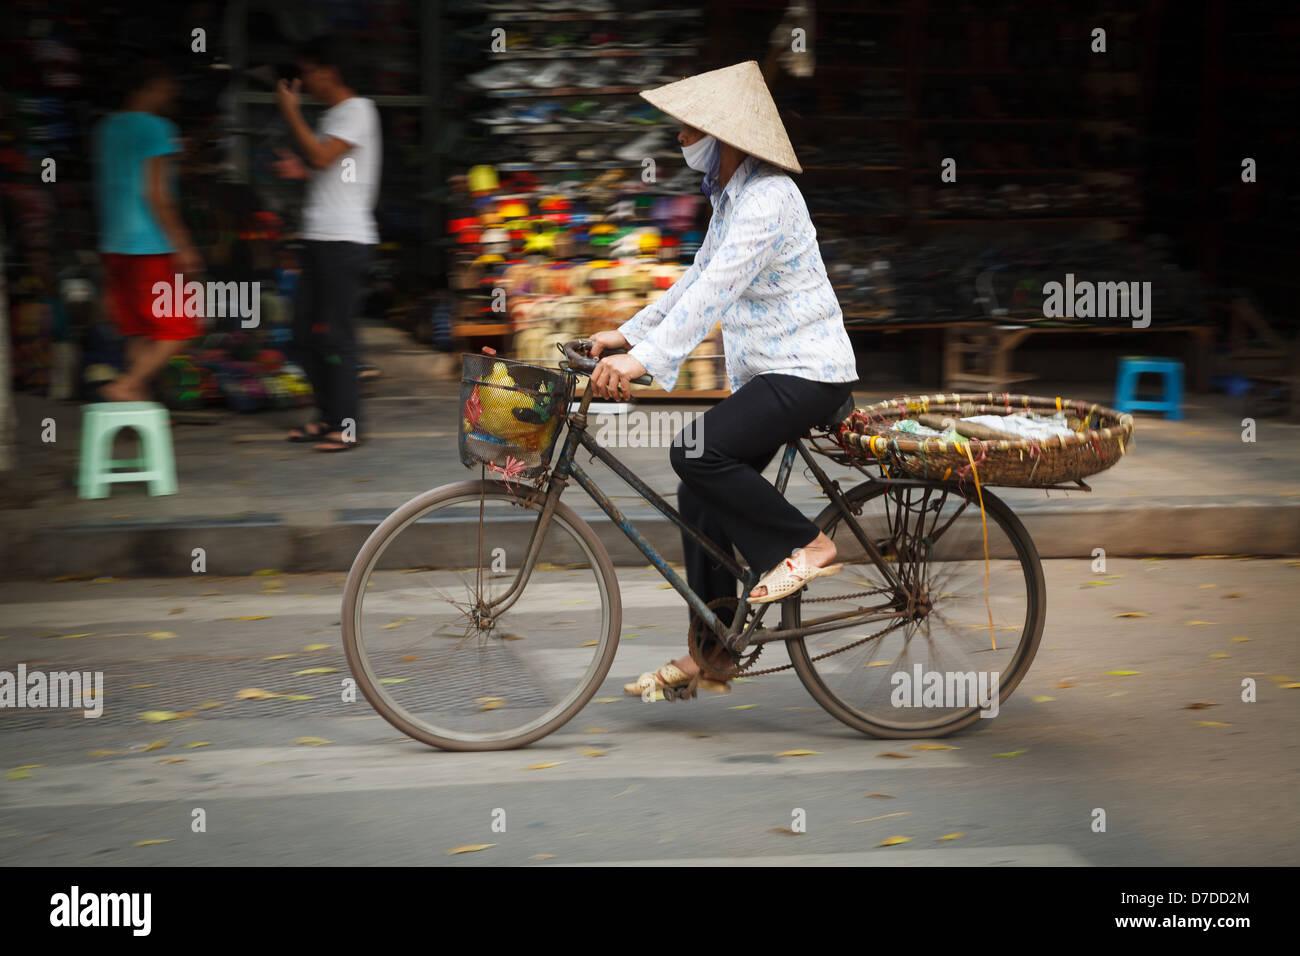 Un vendedor callejero en su bicicleta en el barrio antiguo de Hanoi, Vietnam Imagen De Stock